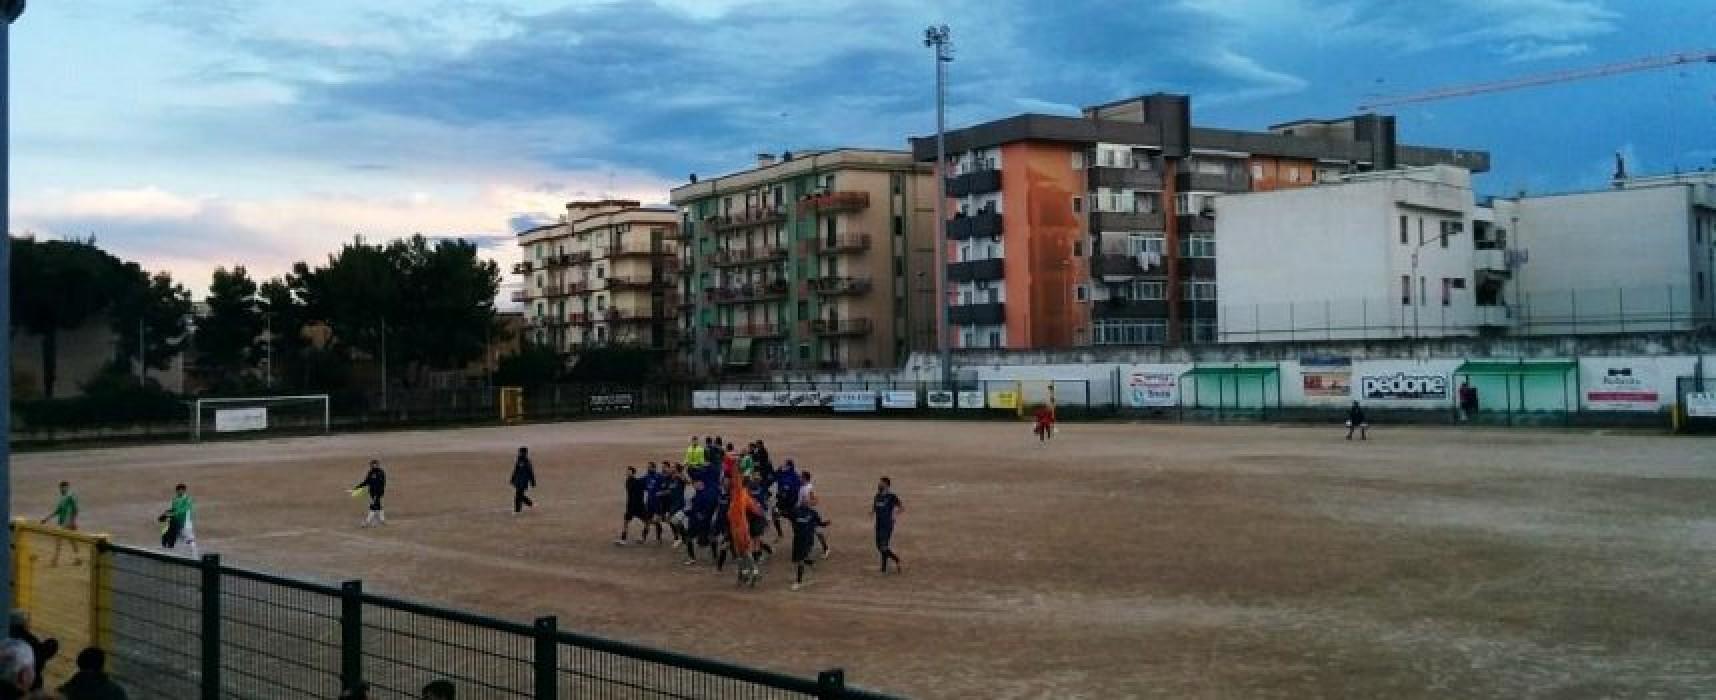 Coppa Italia: Unione Calcio sconfitta in casa (2-3) dal Gravina